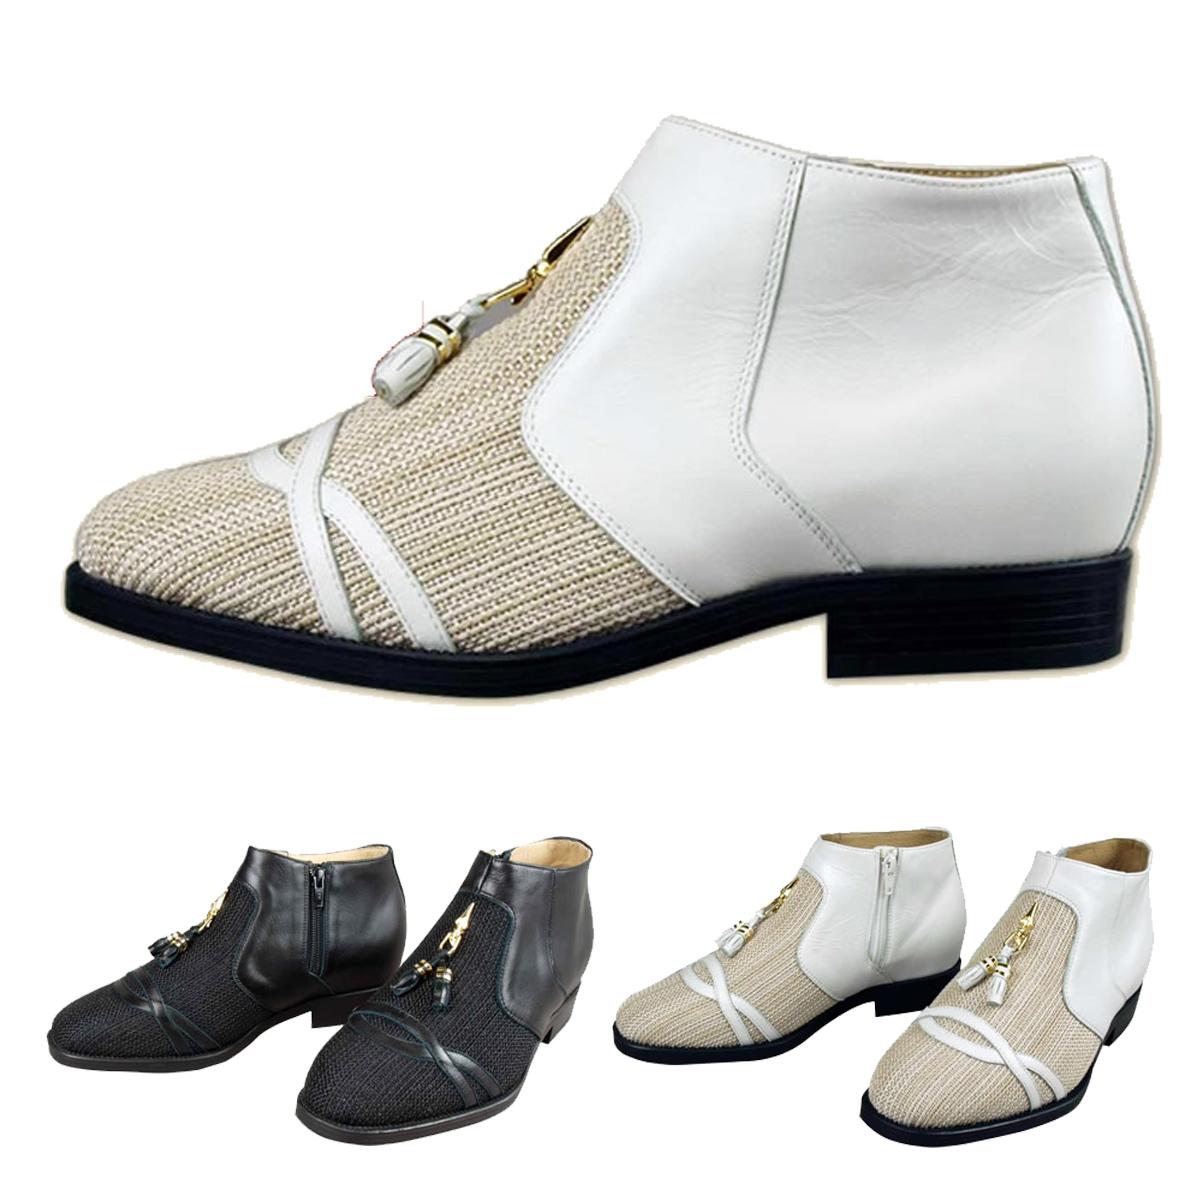 シークレットシューズ(タッセルサマーブーツ シークレットに身長5cmアップ) 幅4E 北嶋製靴 キタジマ【サイズ交換対応】